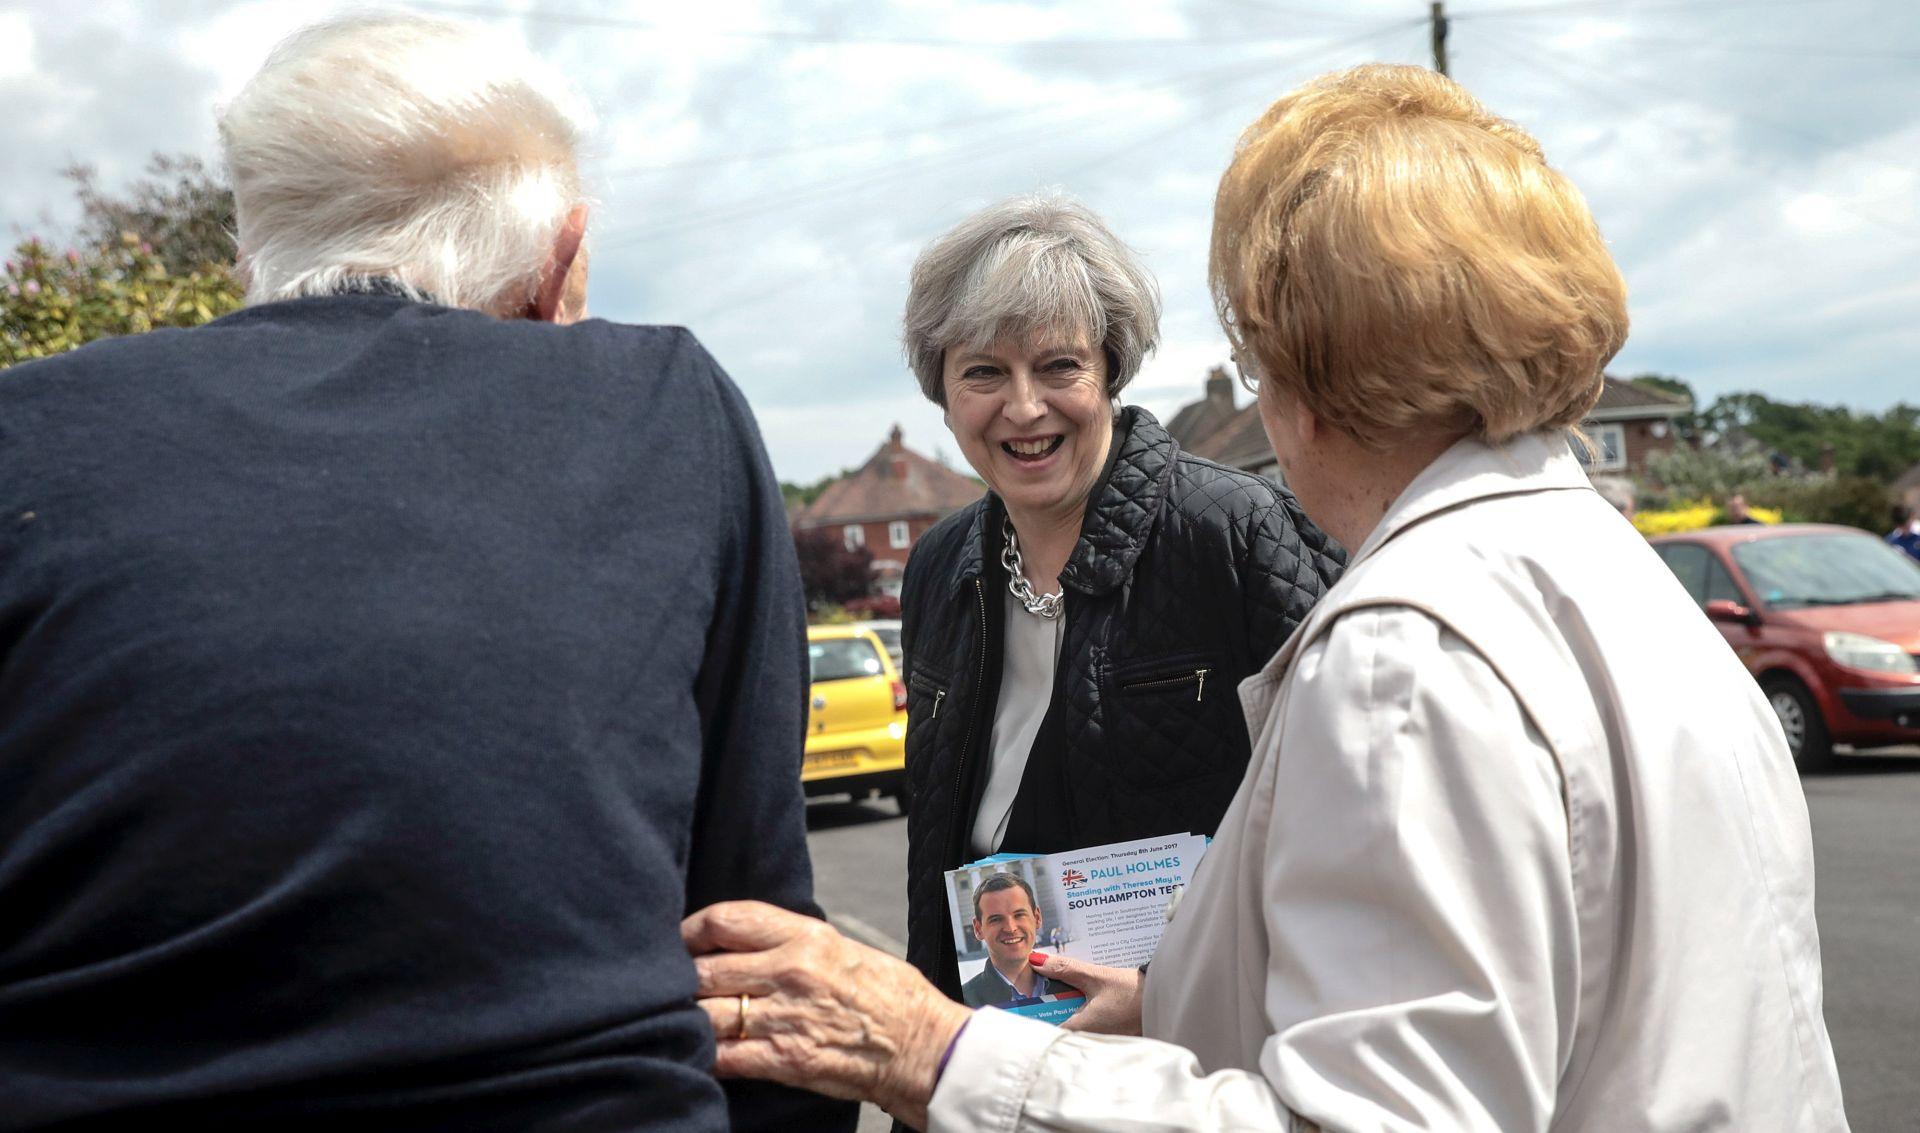 Britanski Konzervativci imaju 15 postotnih bodova prednosti pred Laburistima